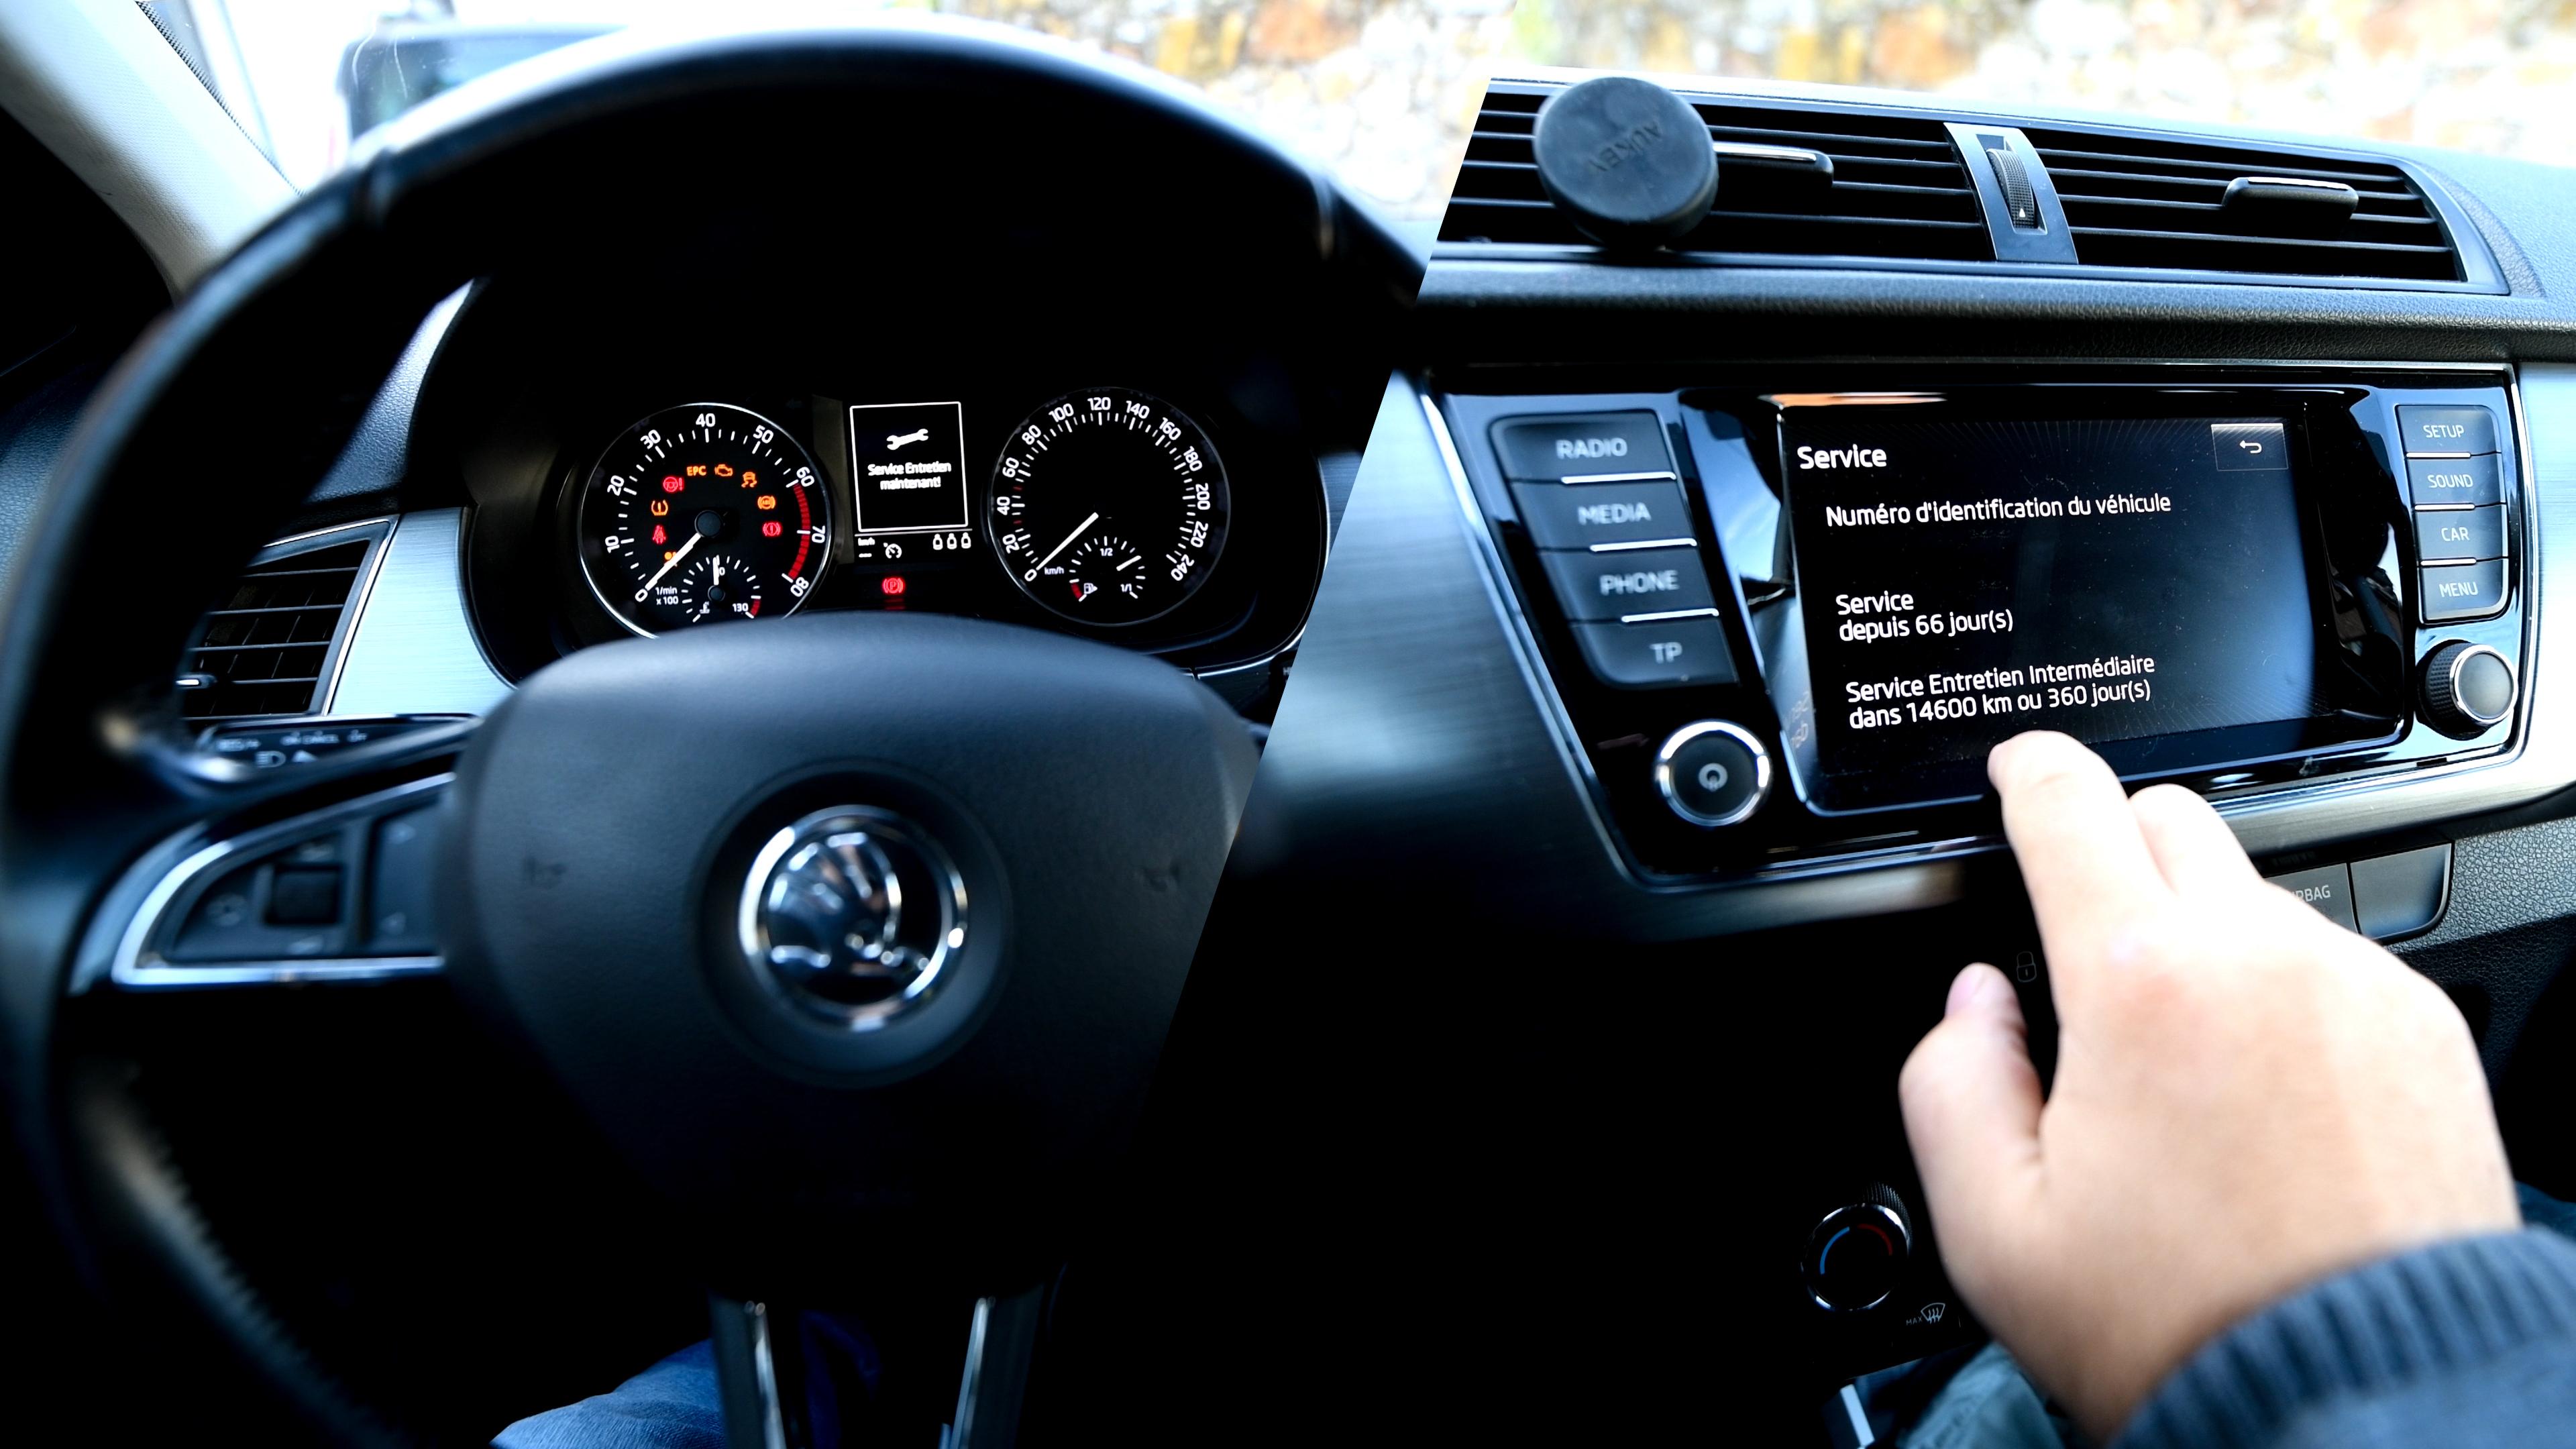 Skoda Fabia (NJ) - Remise à Zéro Service Entretien et Vidange. Ok pour toutes Audi VW Seat Skoda